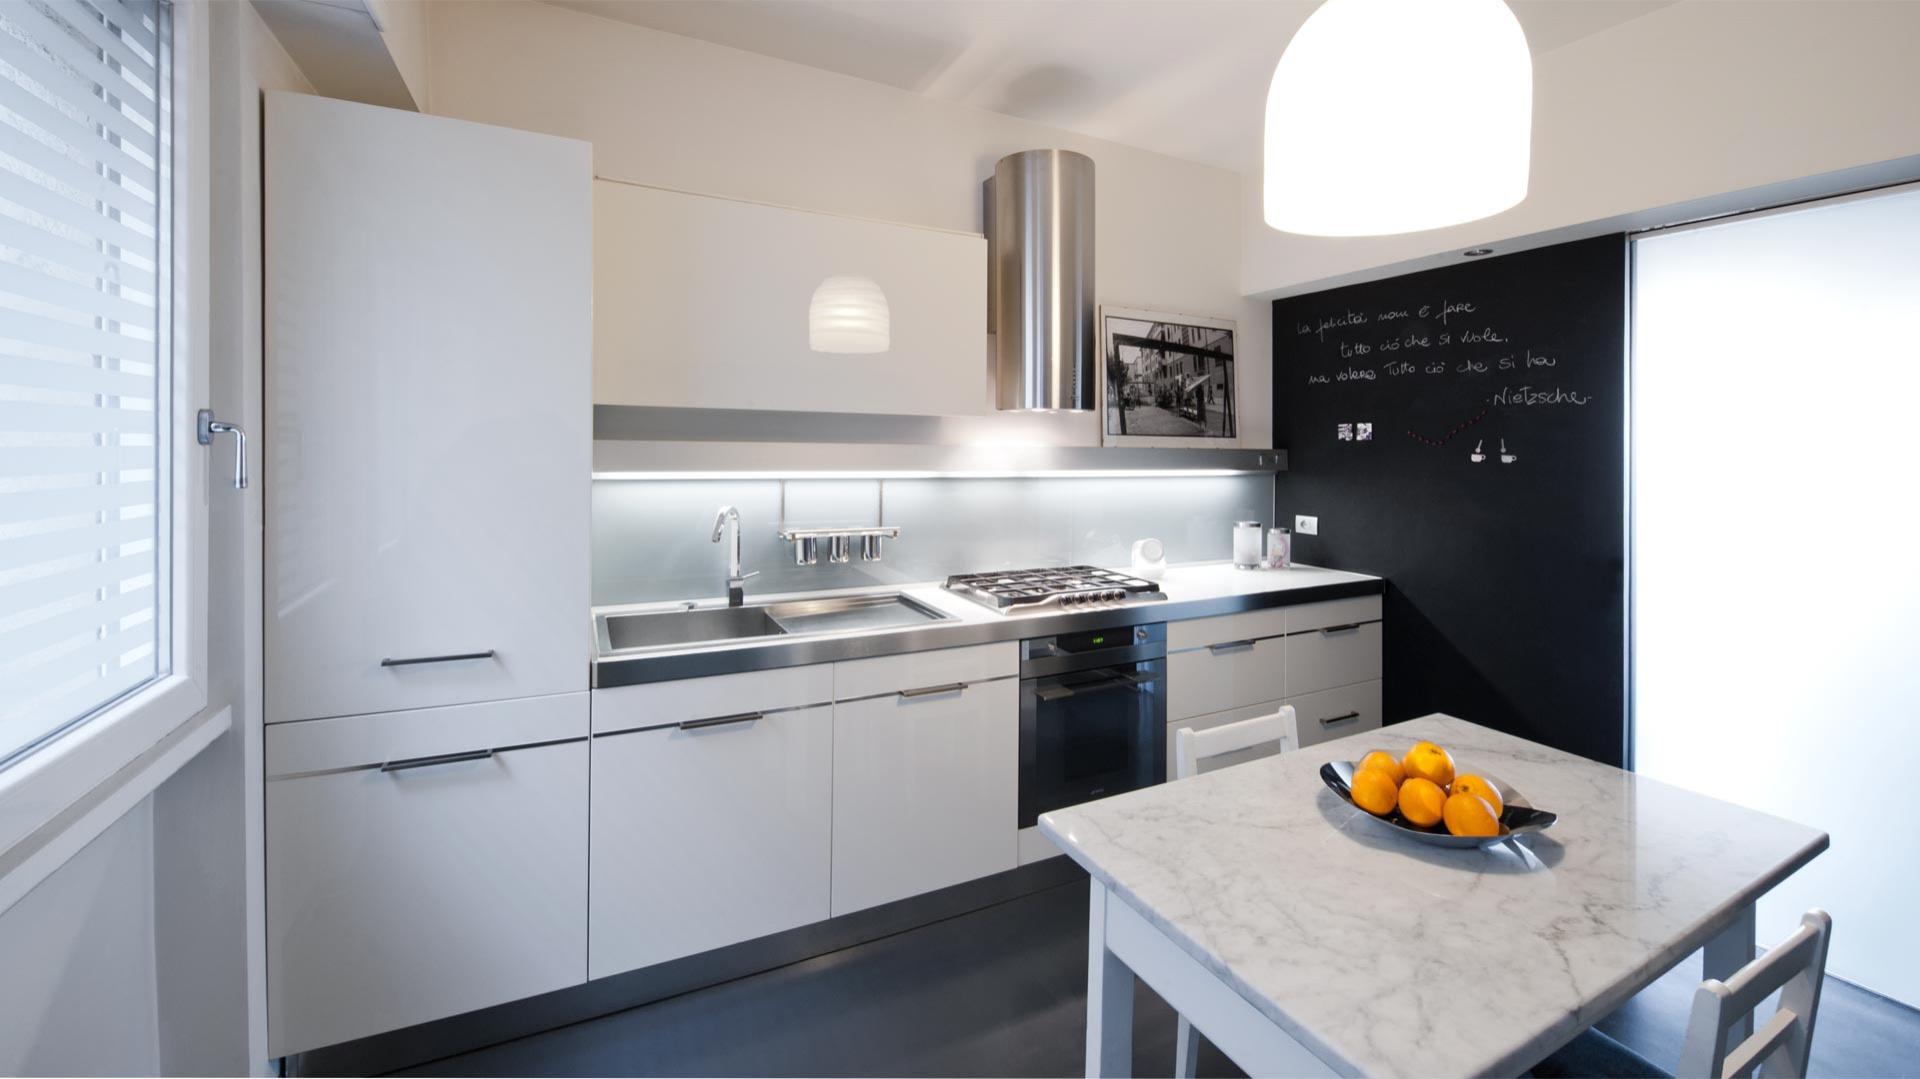 W kuchni wygospodarowano miejsce na wygodną jadalnię. Fot. Archifacturing.